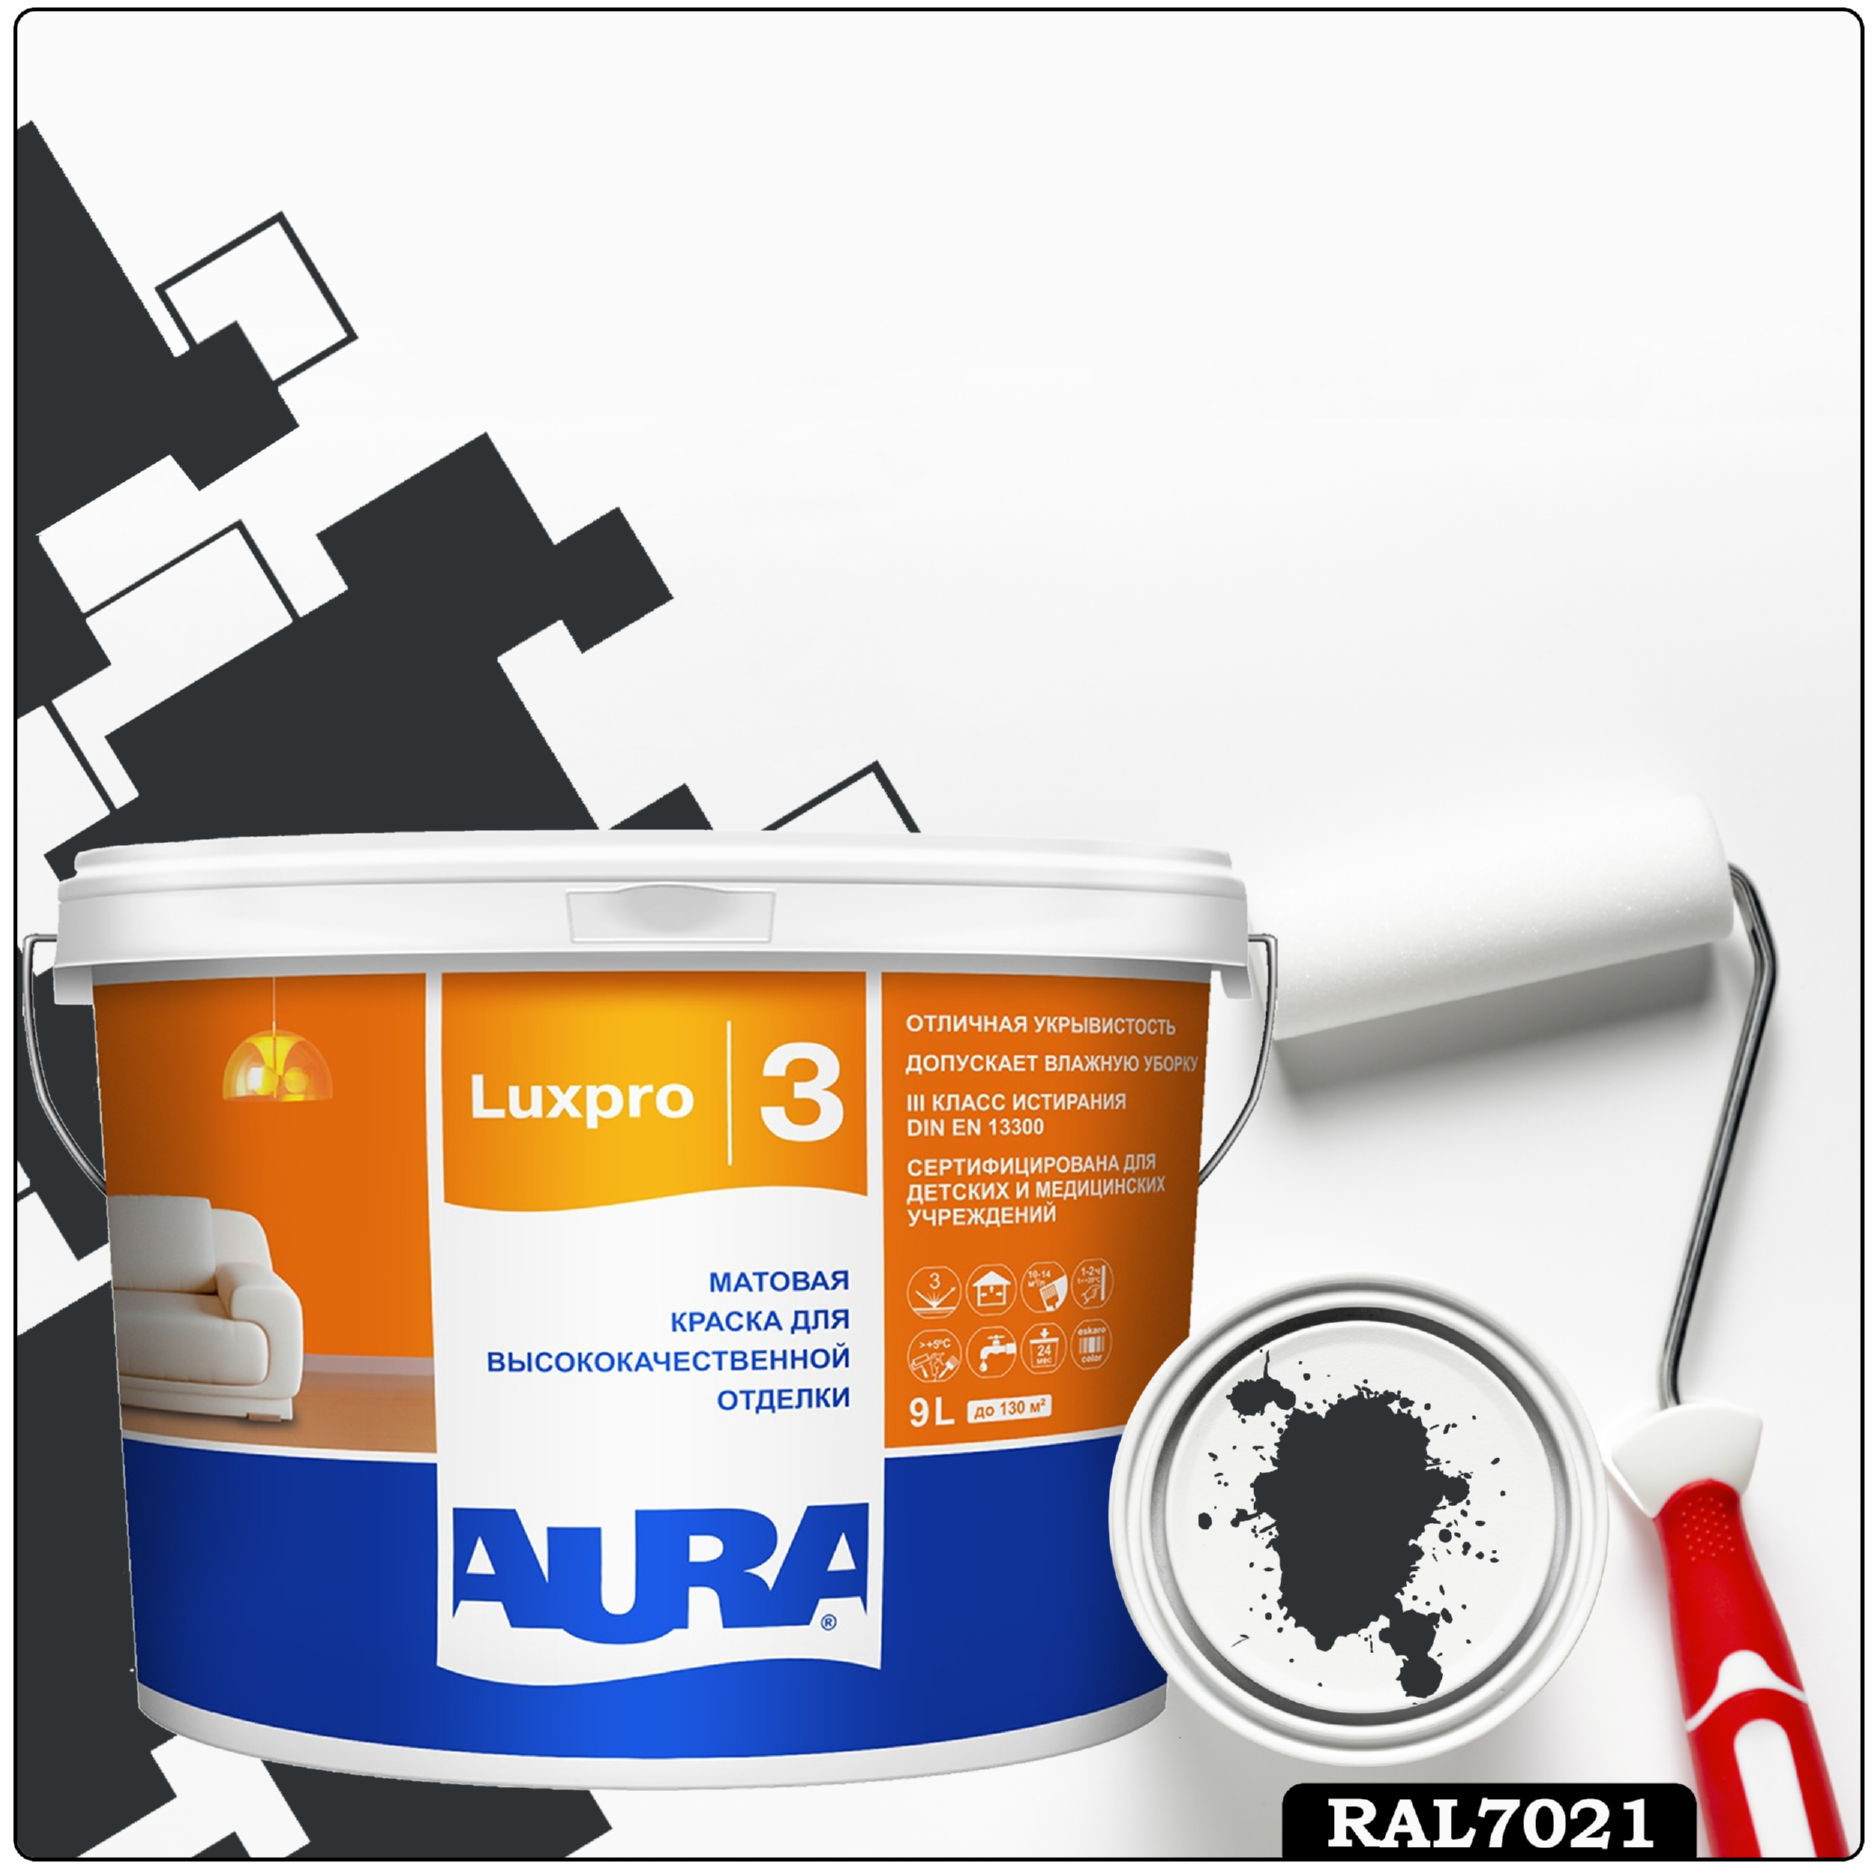 Фото 16 - Краска Aura LuxPRO 3, RAL 7021 Чёрно-серый, латексная, шелково-матовая, интерьерная, 9л, Аура.